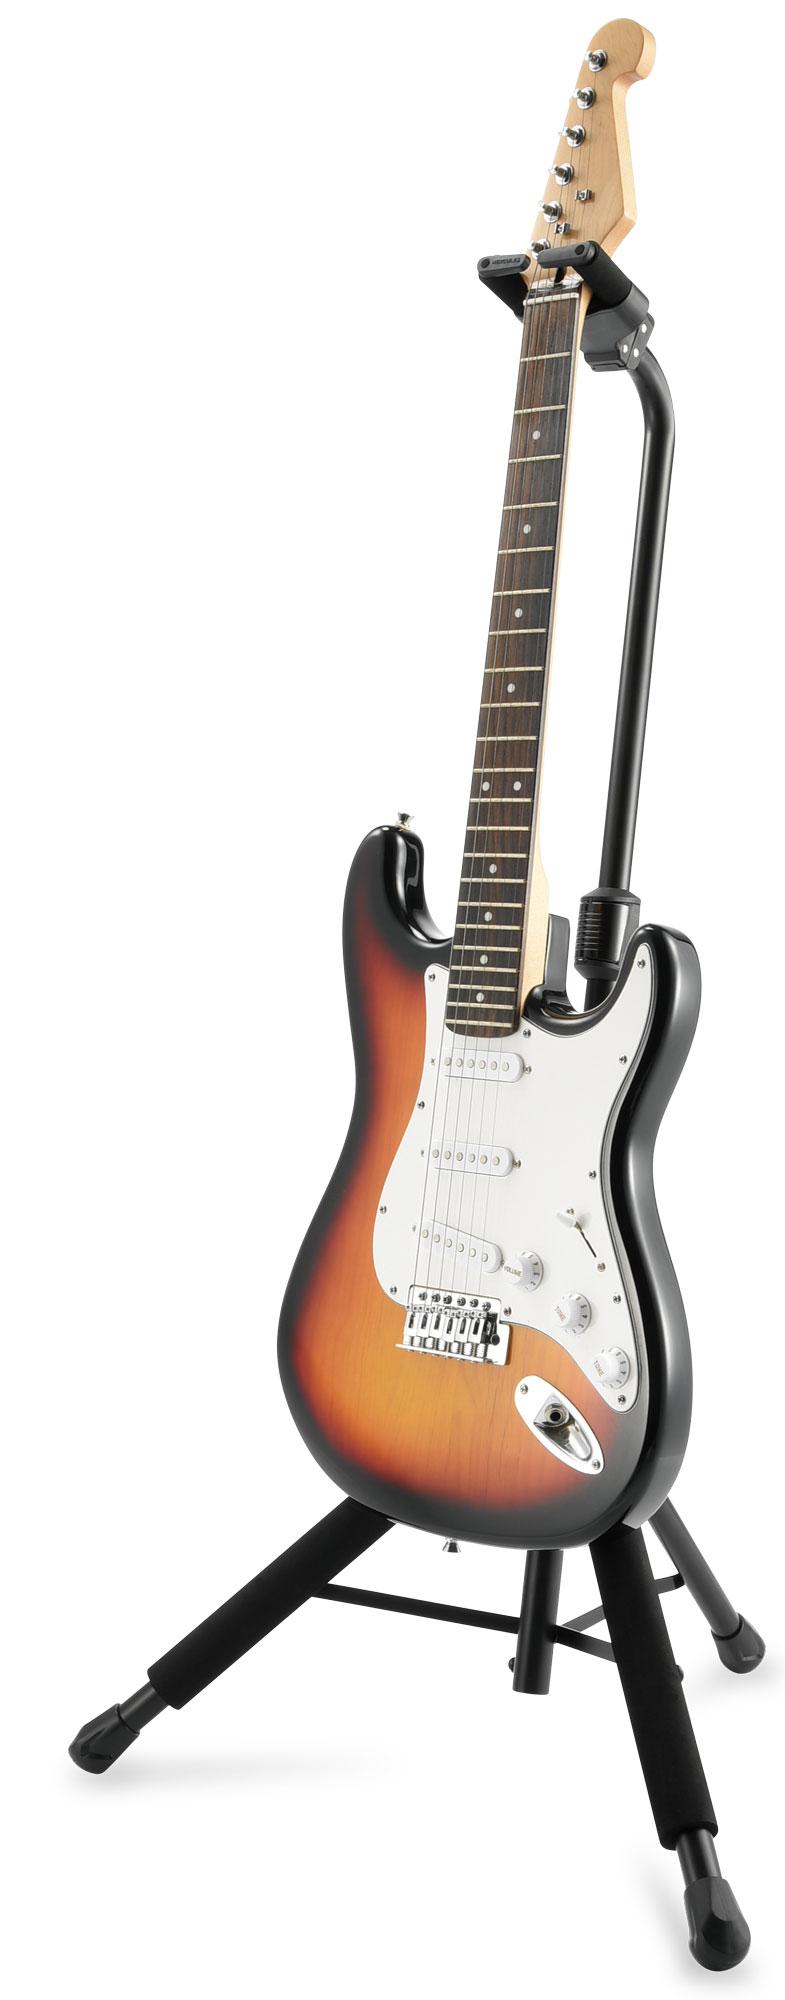 Eleganter Gitarrenwandhalter aus Holz von K/&M für Akustik und E-Gitarren